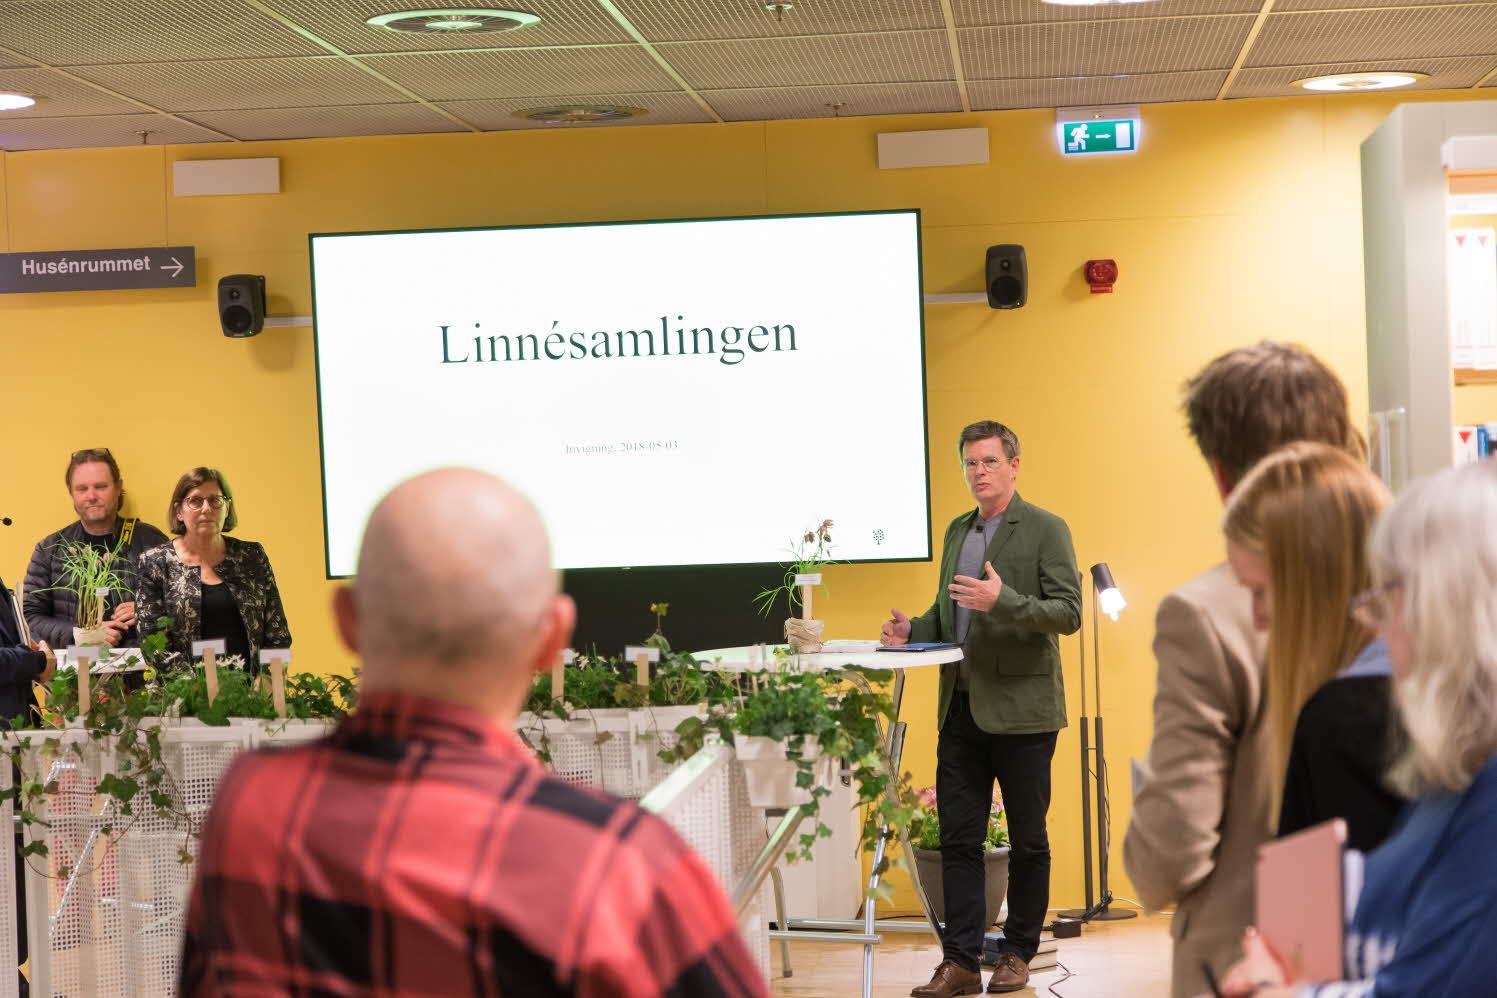 Rektor Peter Aronsson inviger linnésamlingen